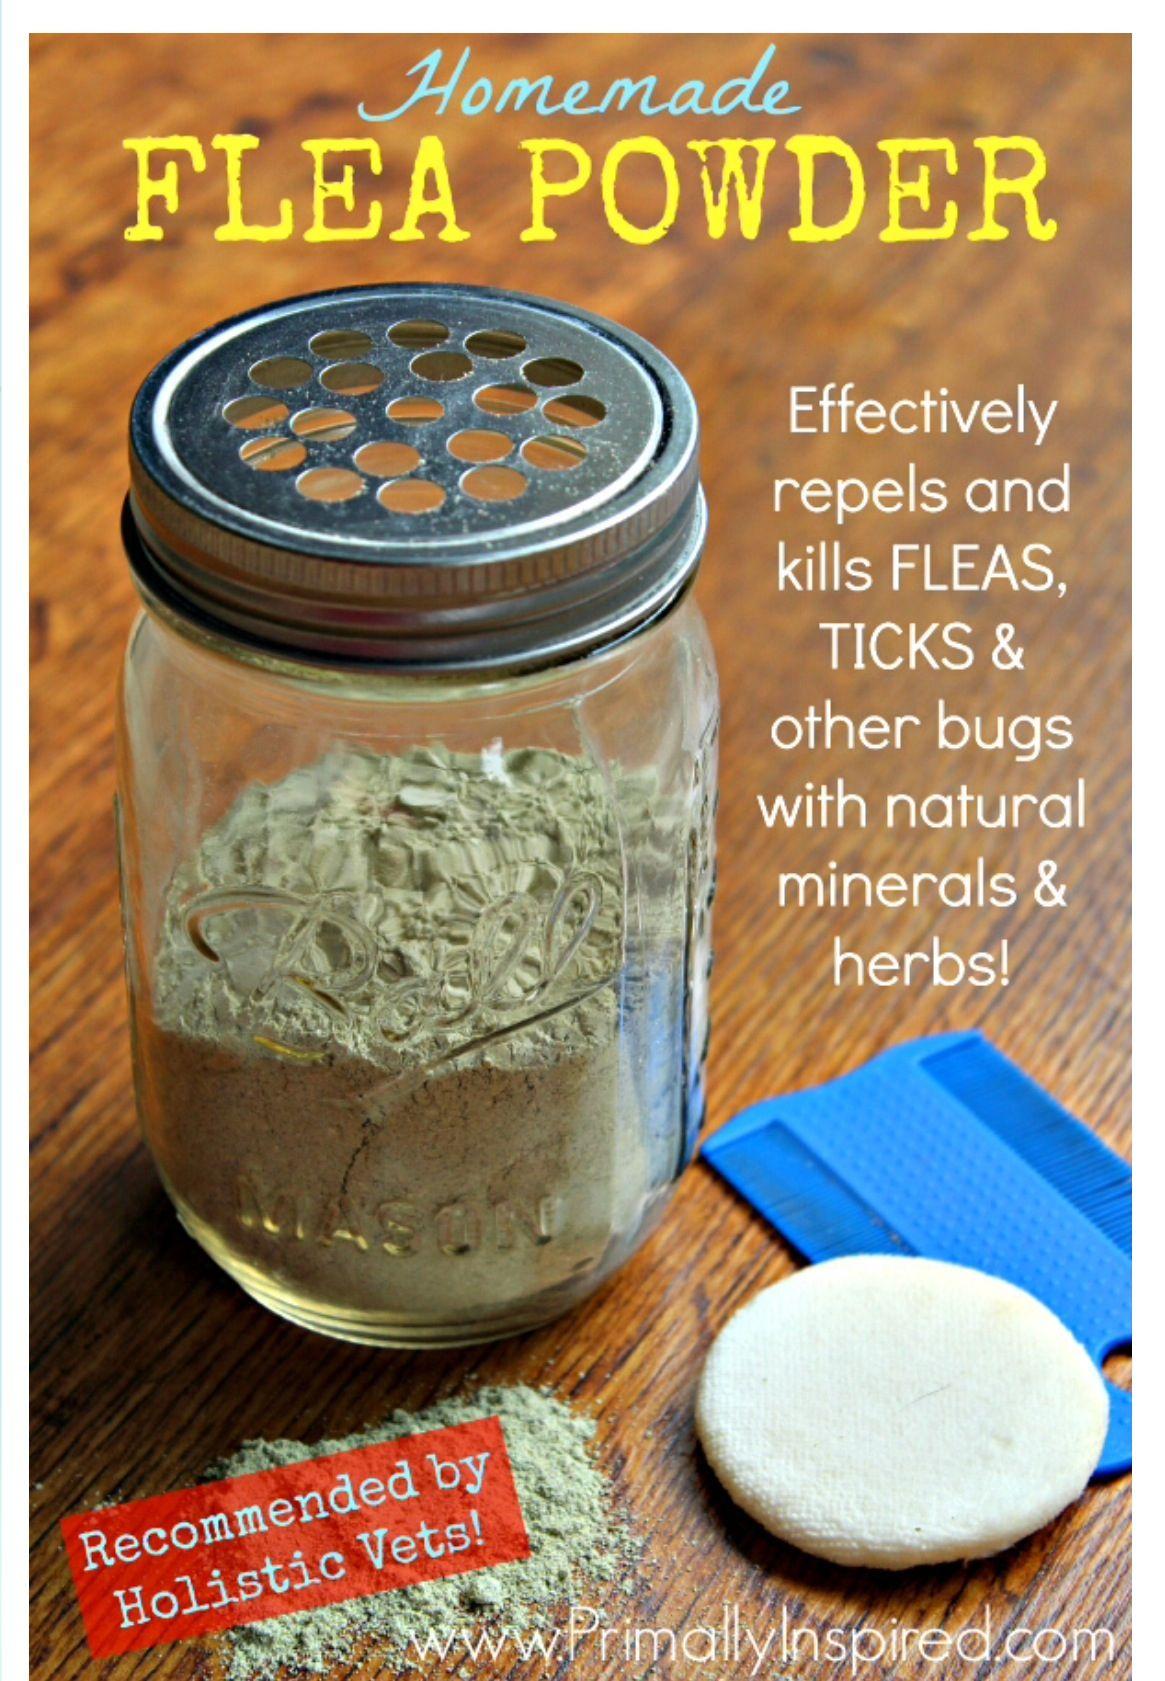 Homemade Flea Powder Recipe Ingredients 1 cup Food Grade